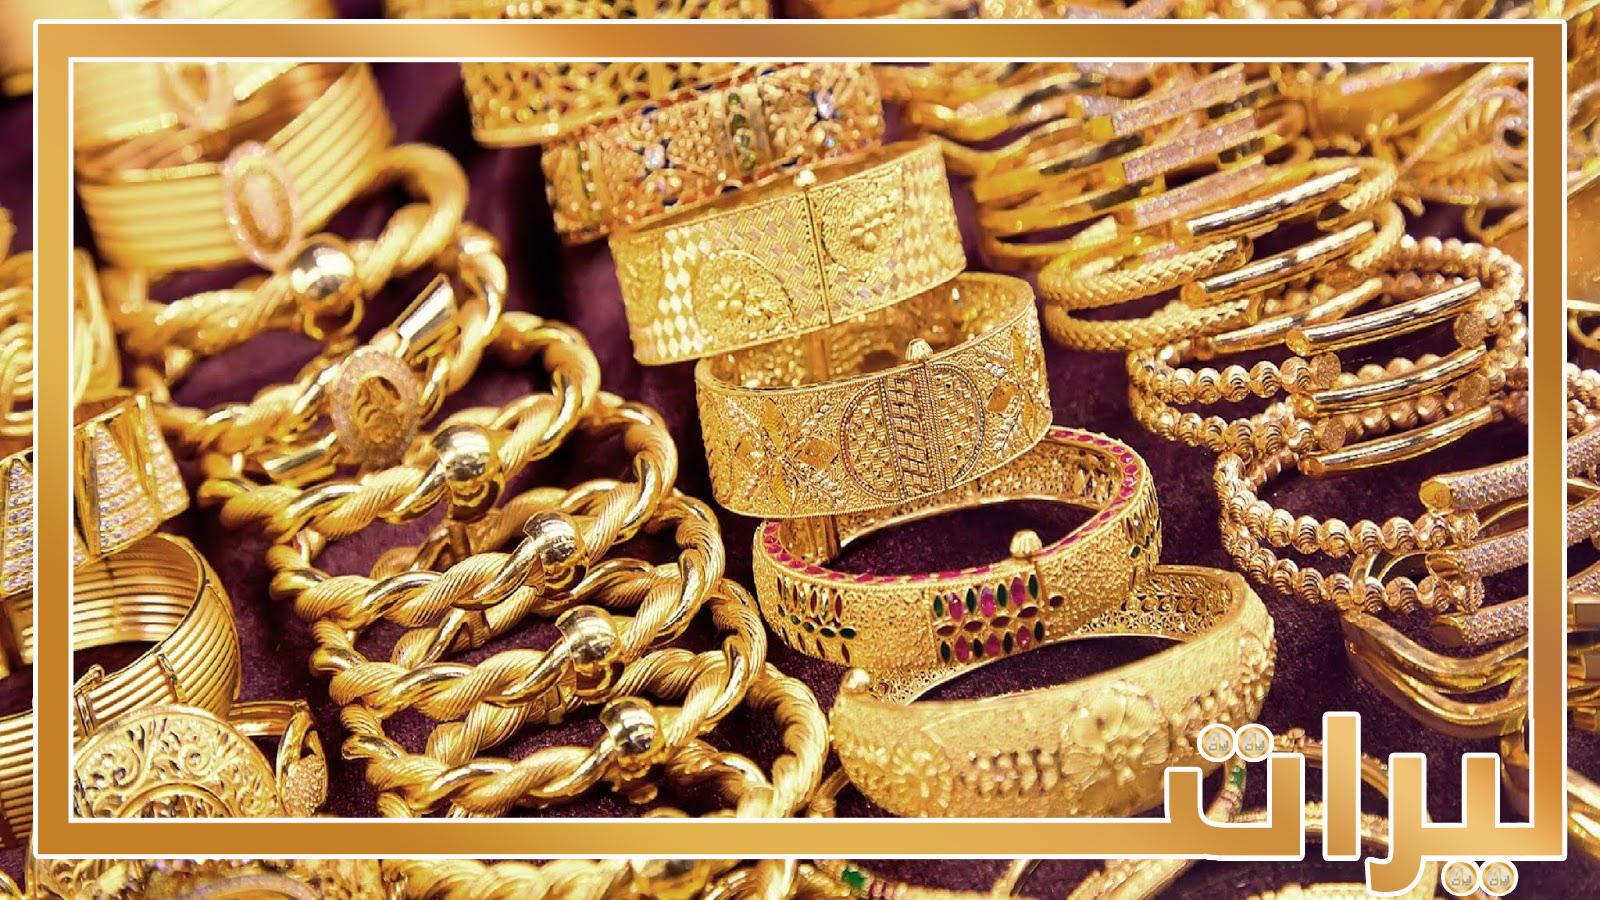 ارتفاع سعر الذهب ووصوله لمستوى قياسي